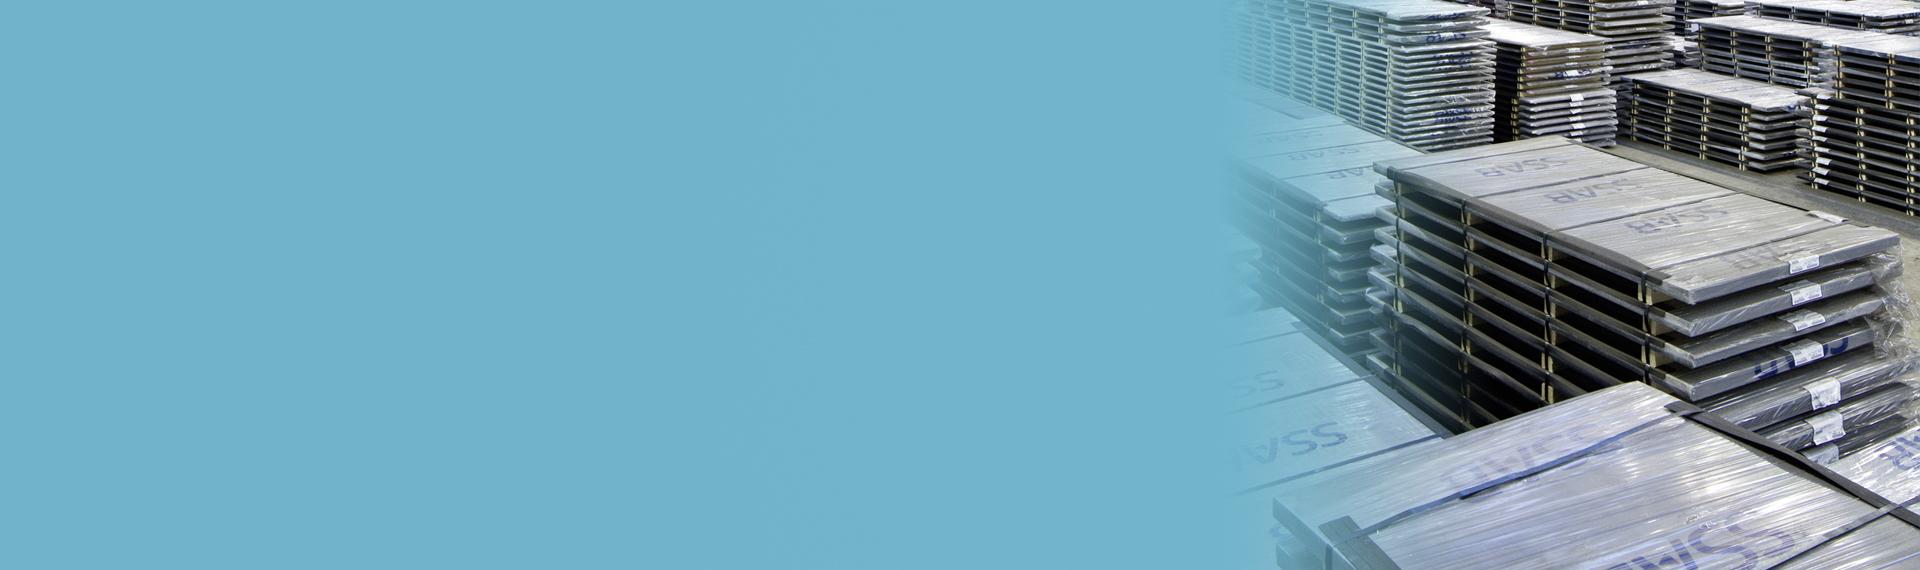 Breite Produktpalette für Ihren gesamten Bedarf – SSAB Lager